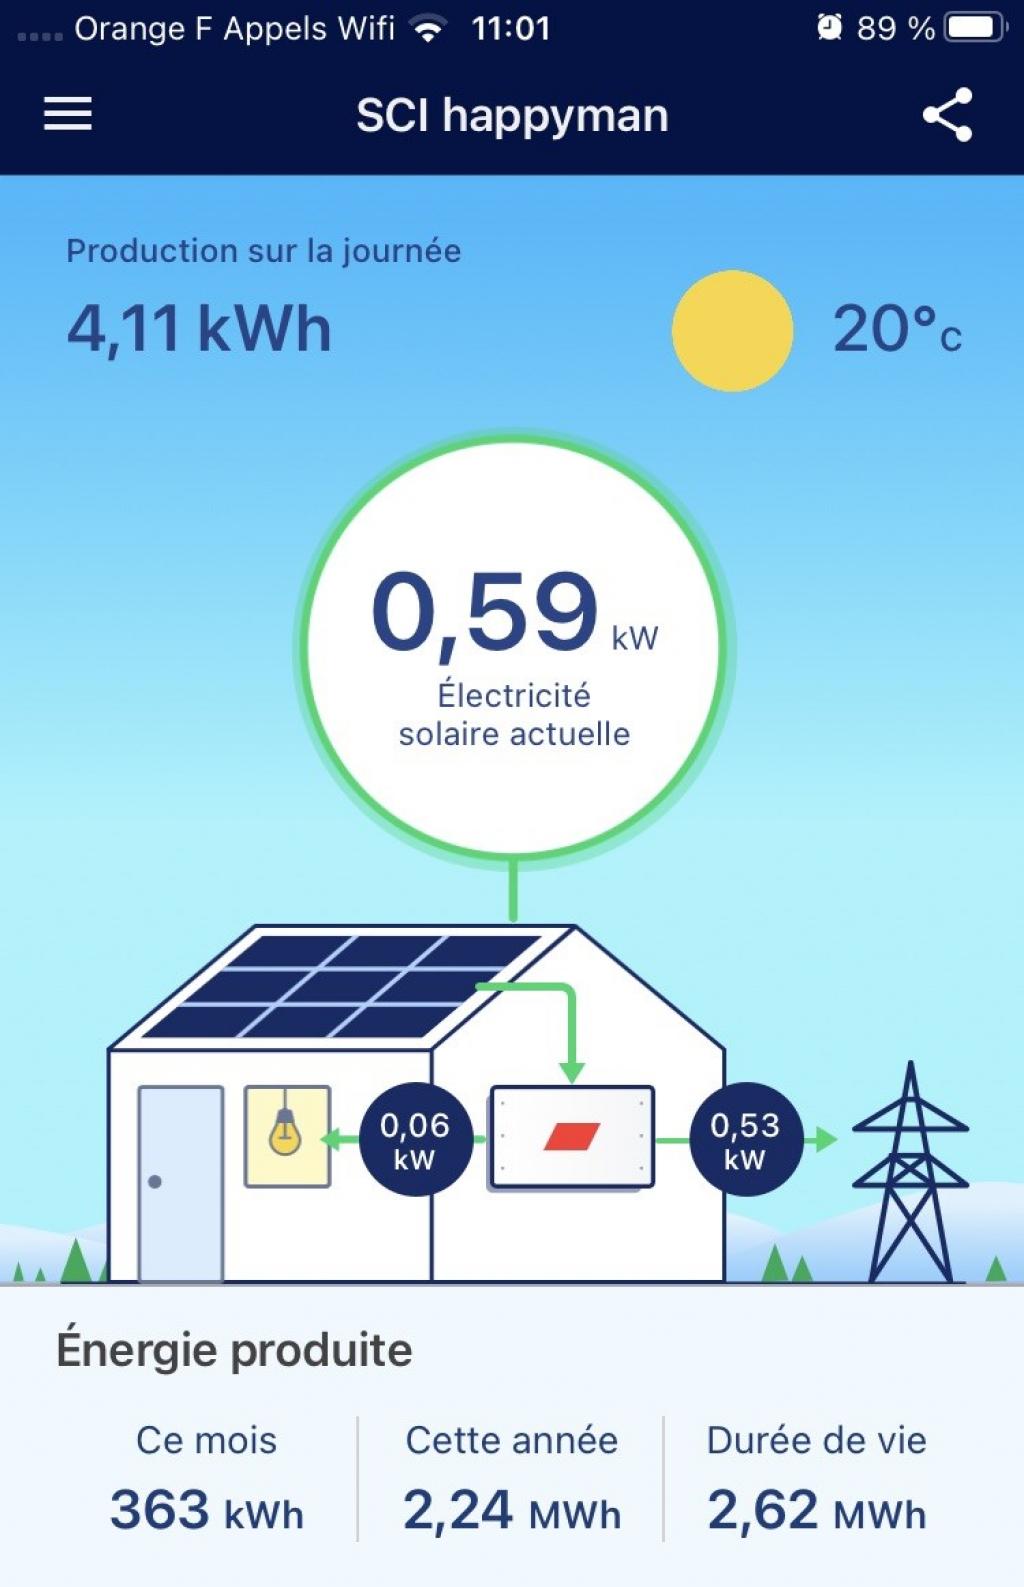 RGE QualiPV - Installation Photovoltaïque en Autoconsommation 6kWc - modules Dualsun 300Wc et Système SolarEdge-Hérault (34)